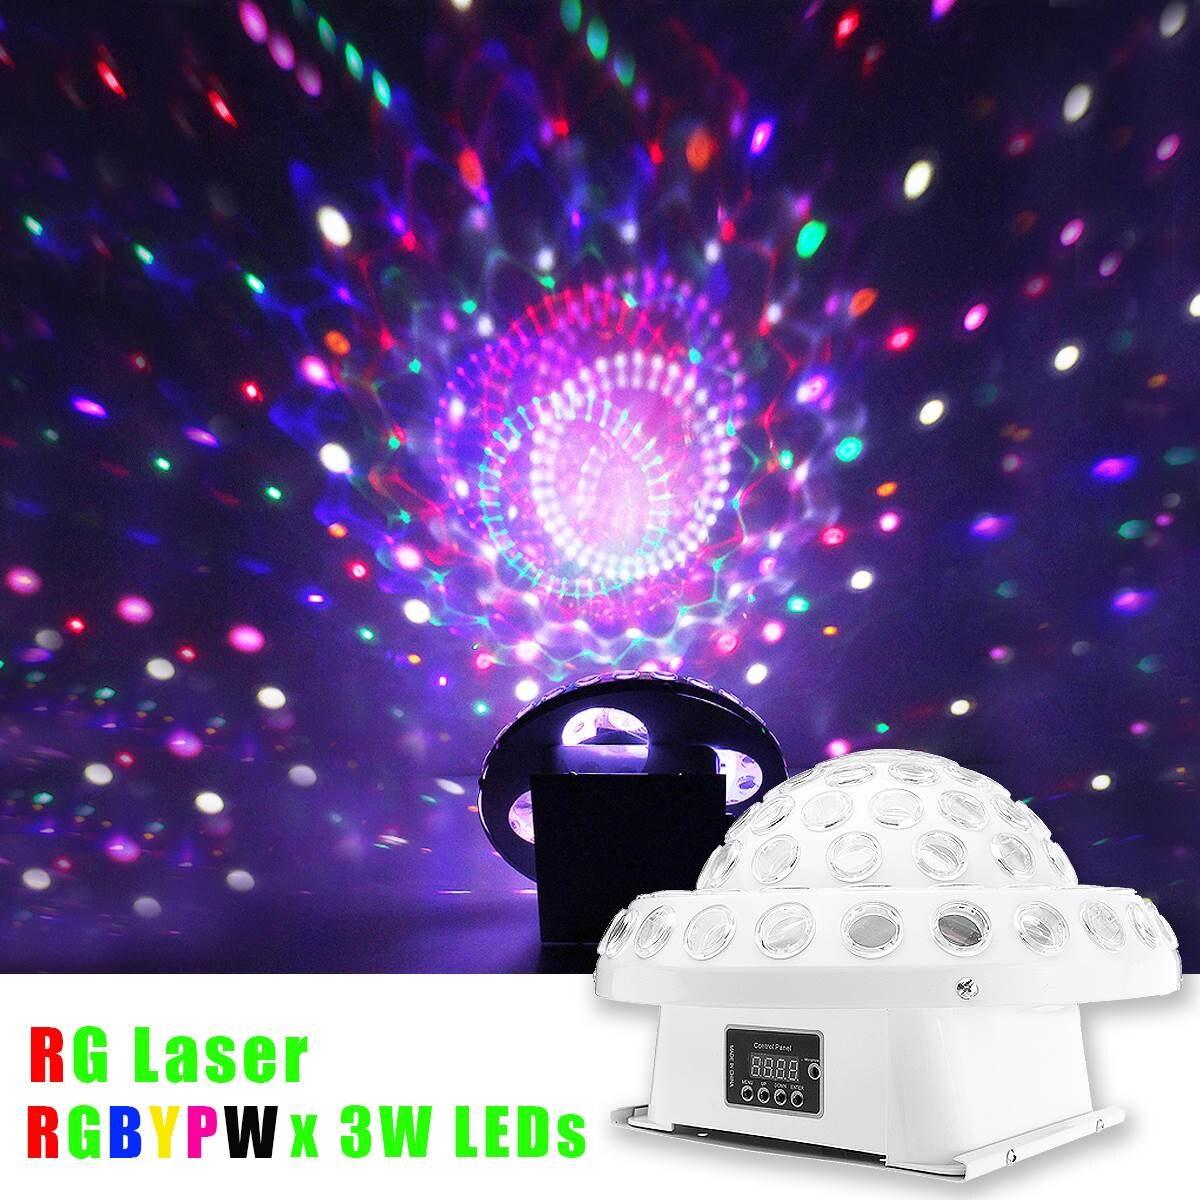 Mising DMX512 Télécommande DJ Éclairage de Scène Effet RG Laser Gobos LED Cristal Grosse Boule Magique Pour Intérieur Disco Party Club Bars